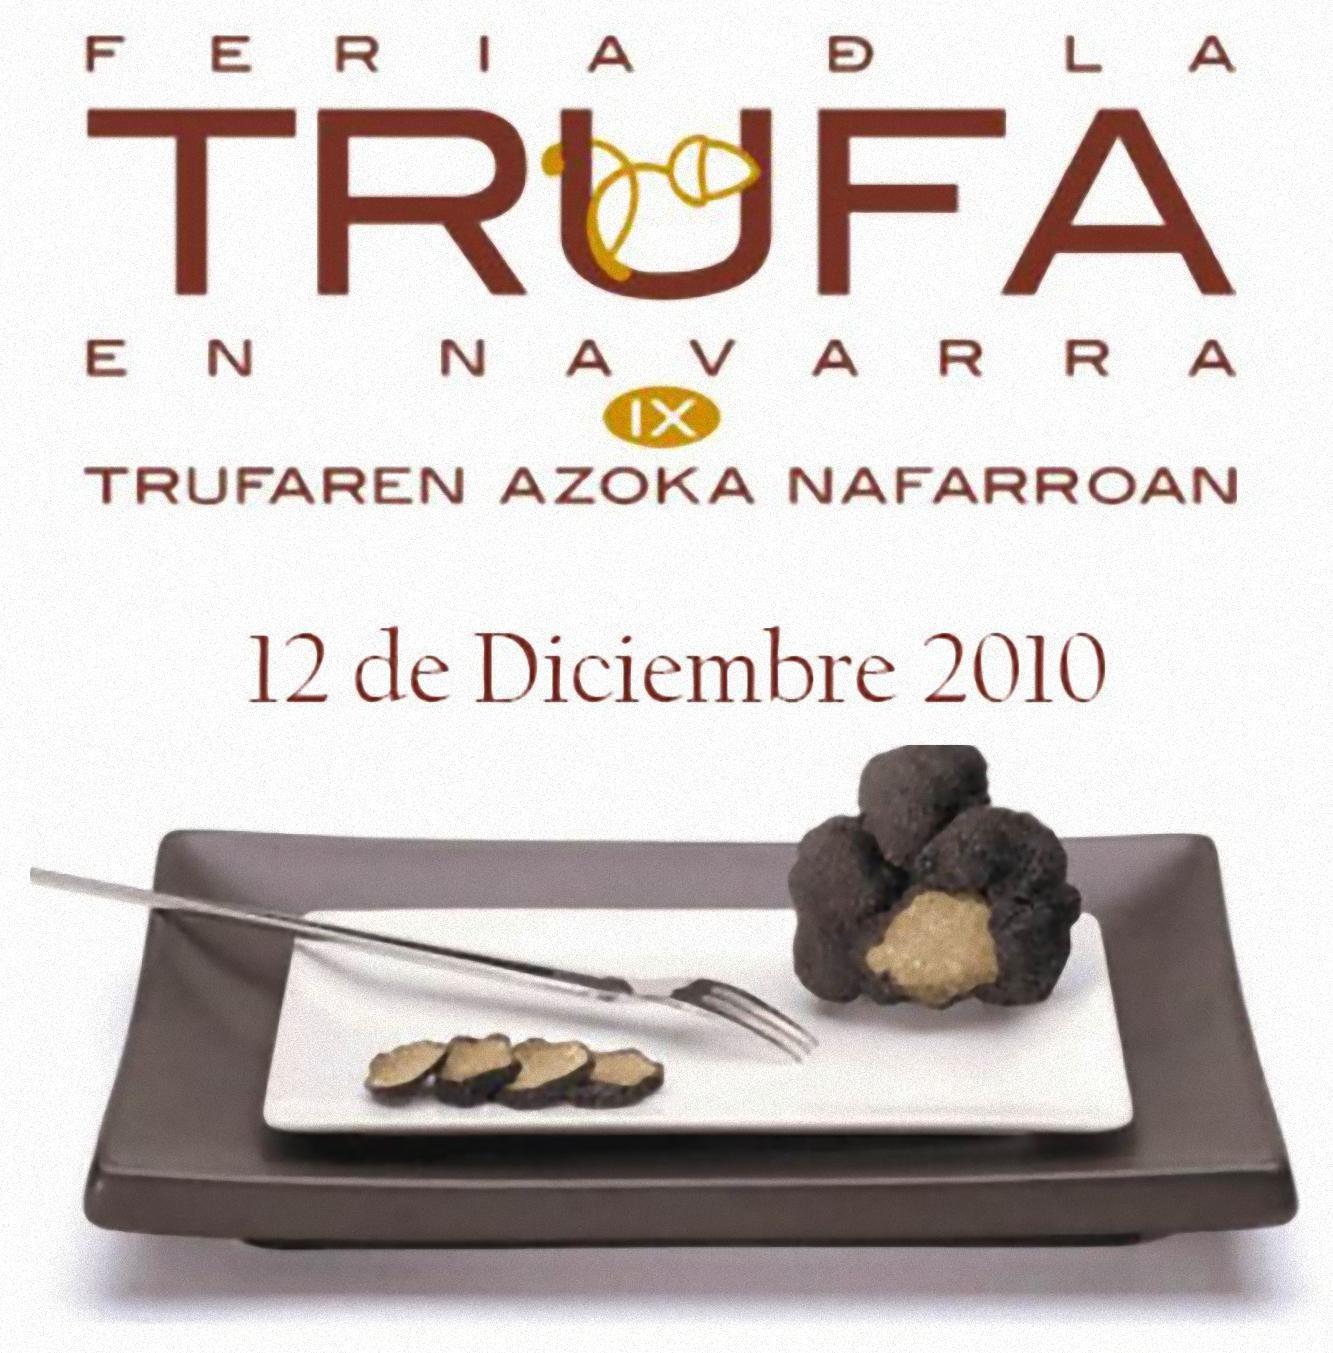 Feria de la trufa 2010 en Navarra